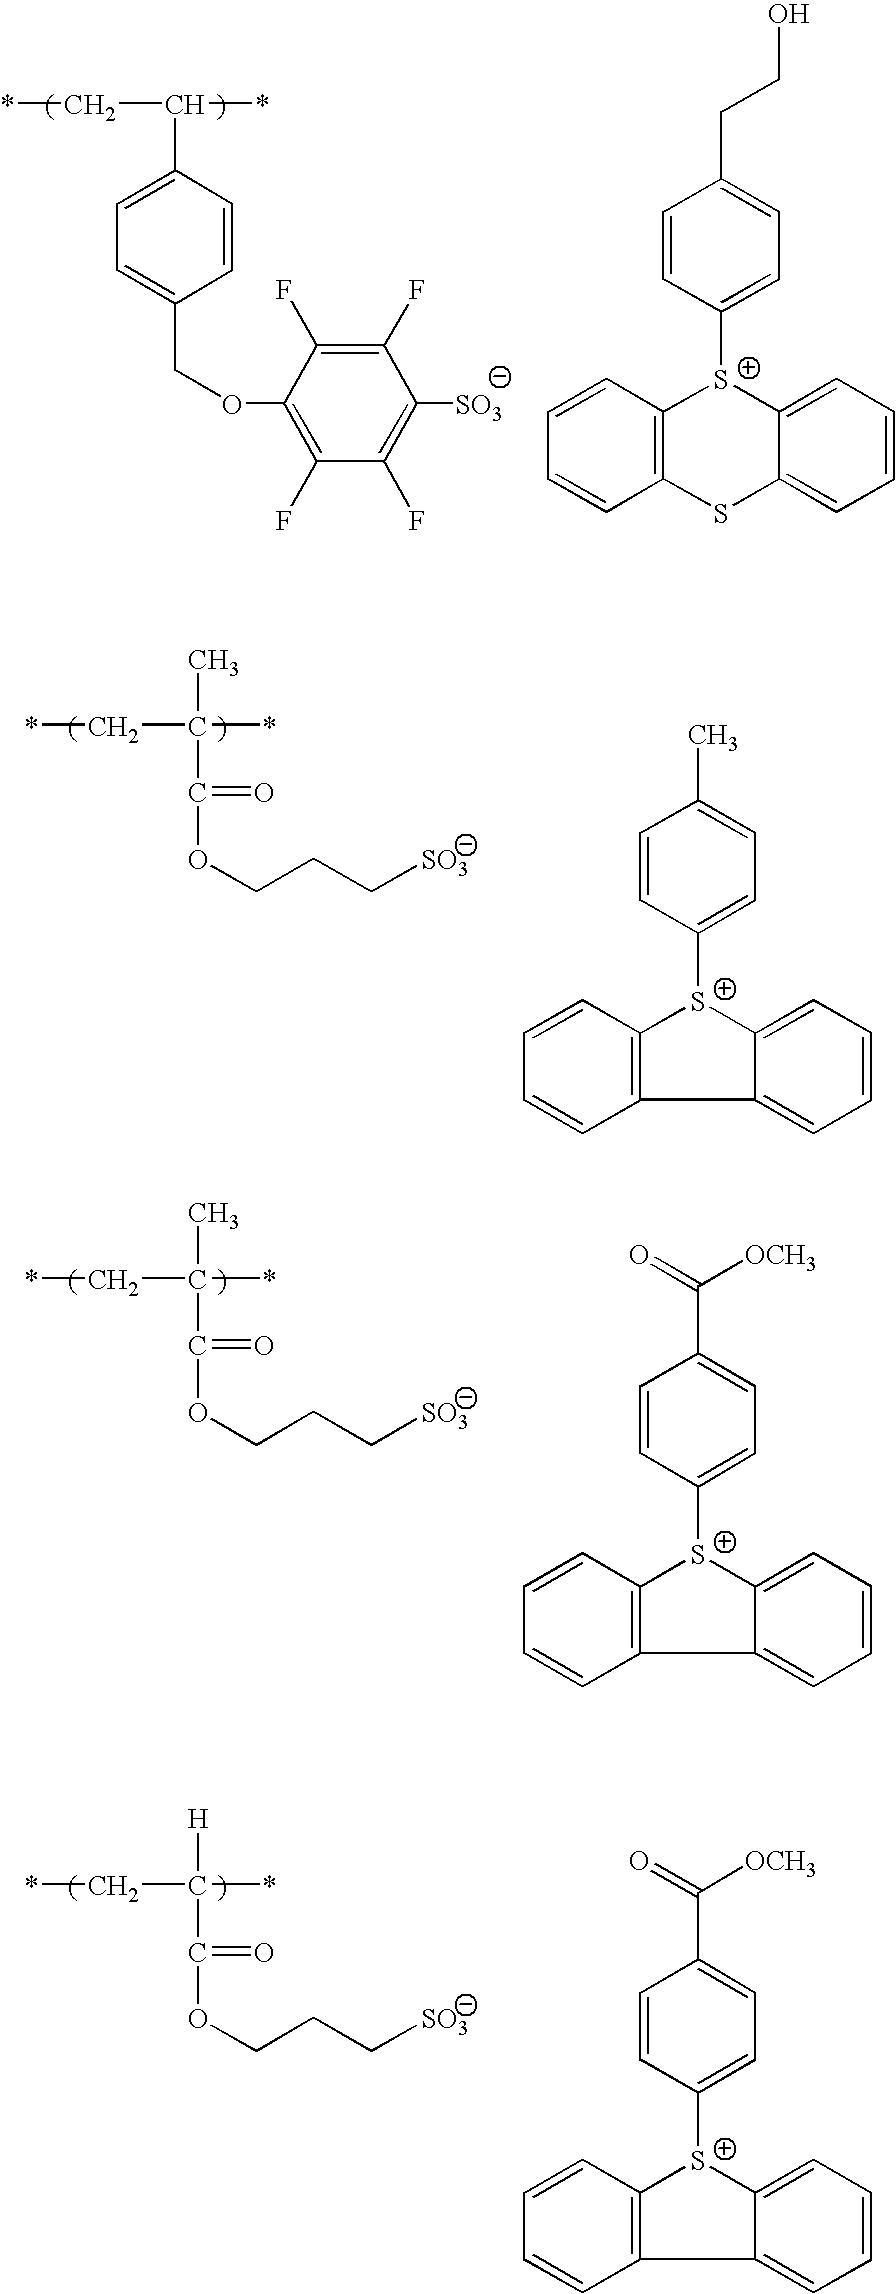 Figure US20100183975A1-20100722-C00061